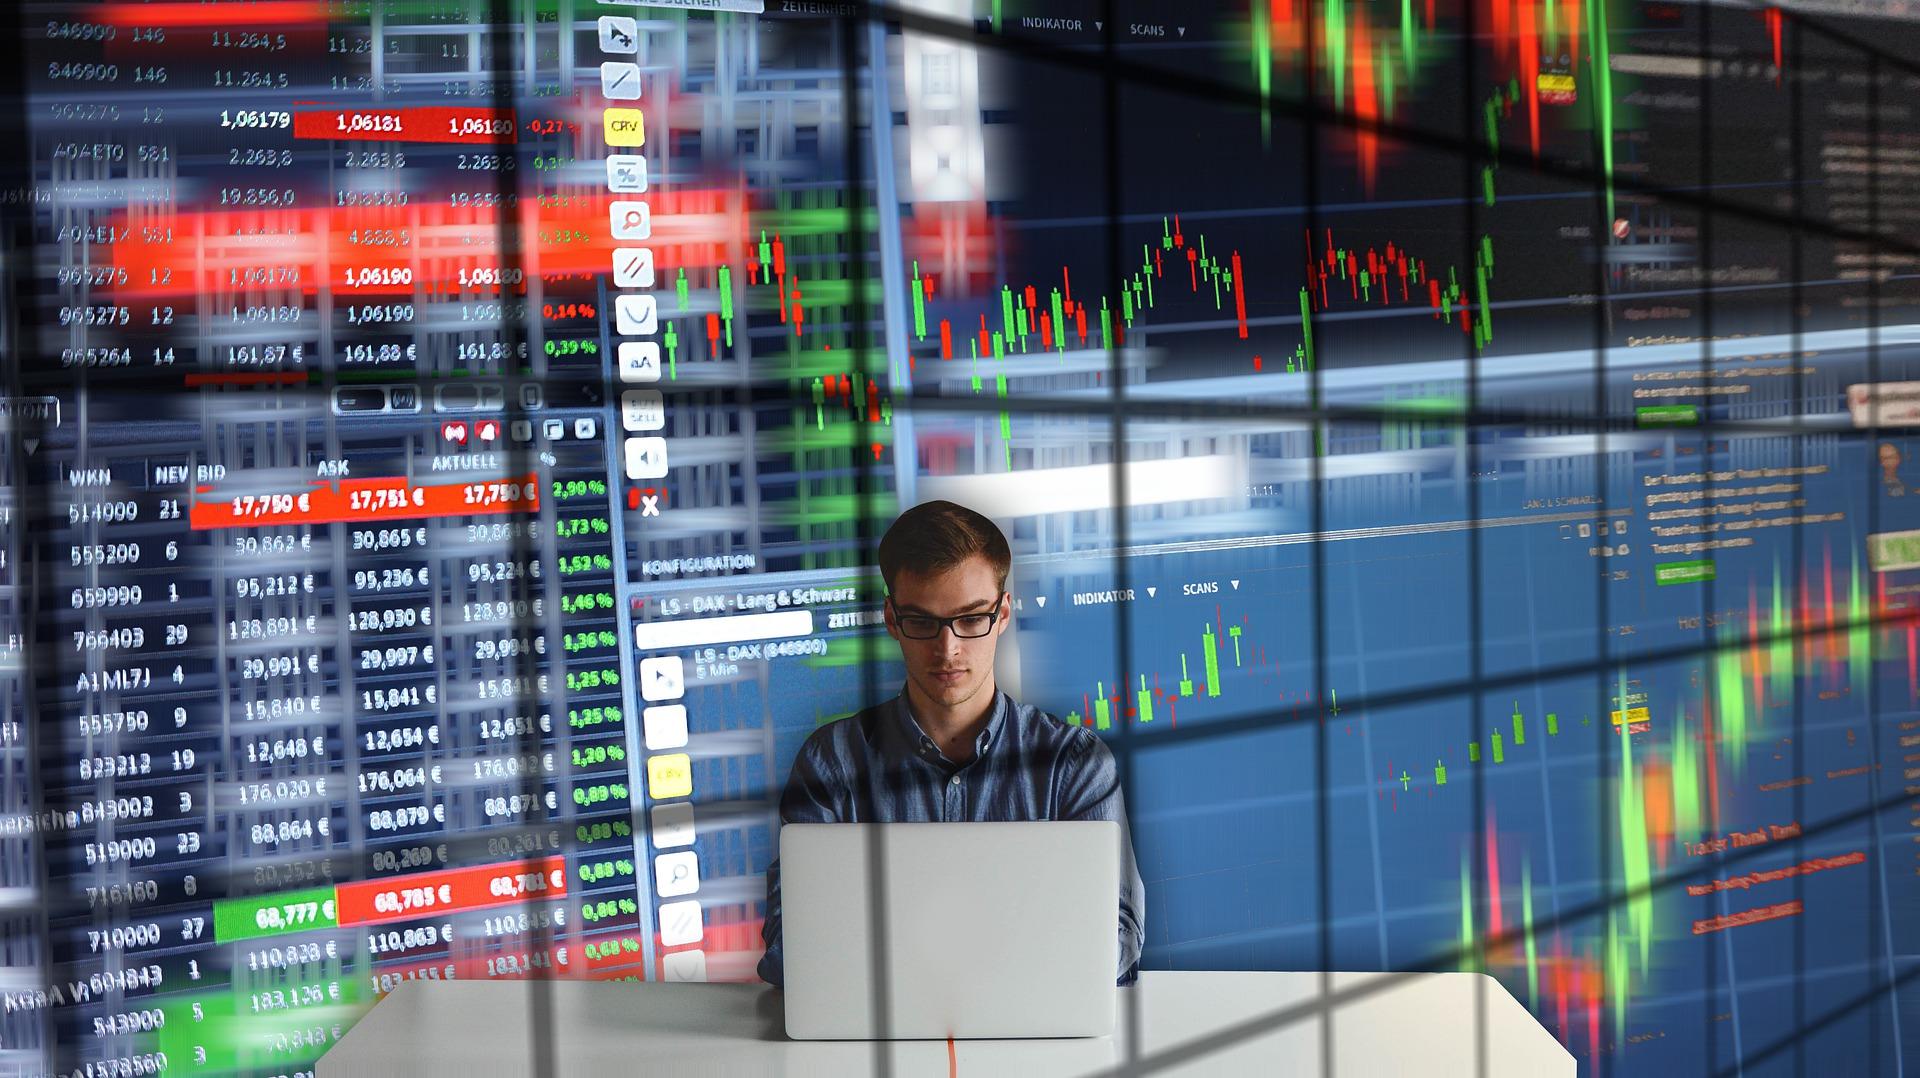 ChartSmart Pathfinder Trading System